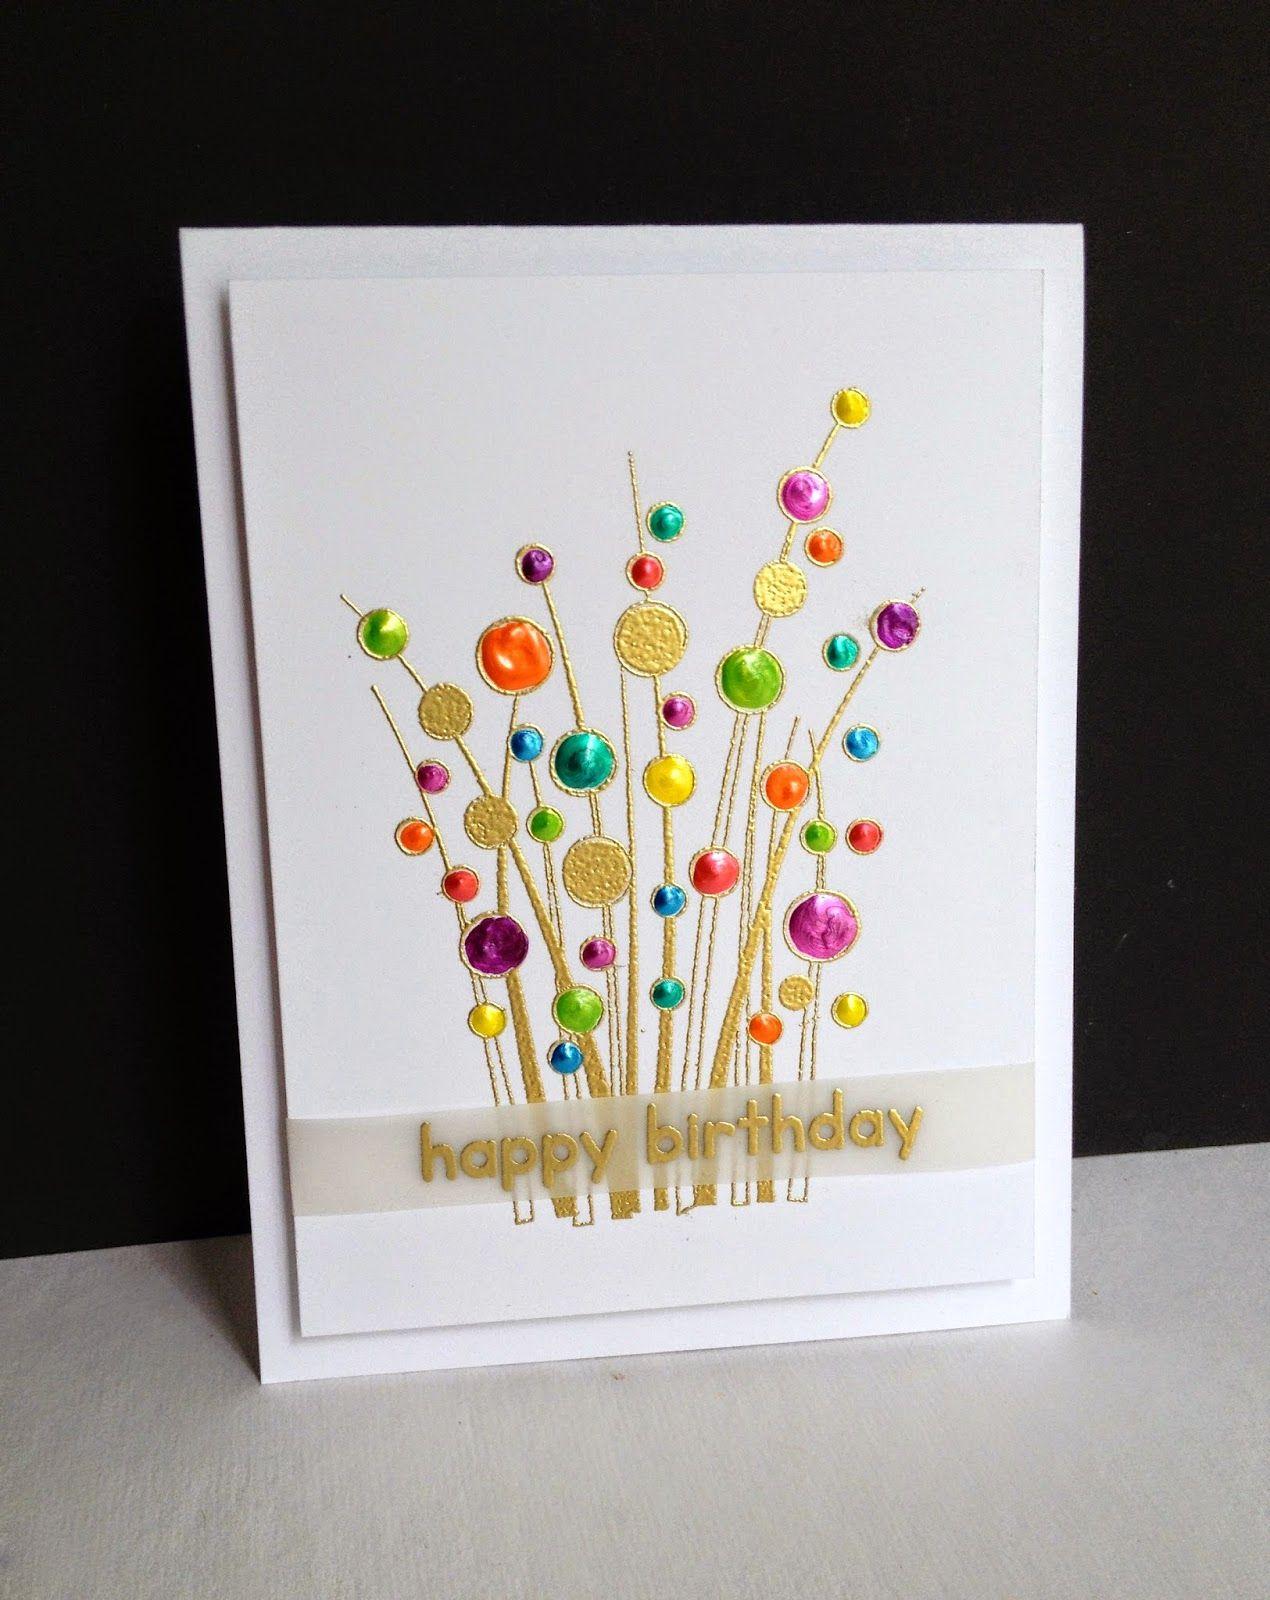 Любви надписями, оригинальные открытки с днем рождения из фото